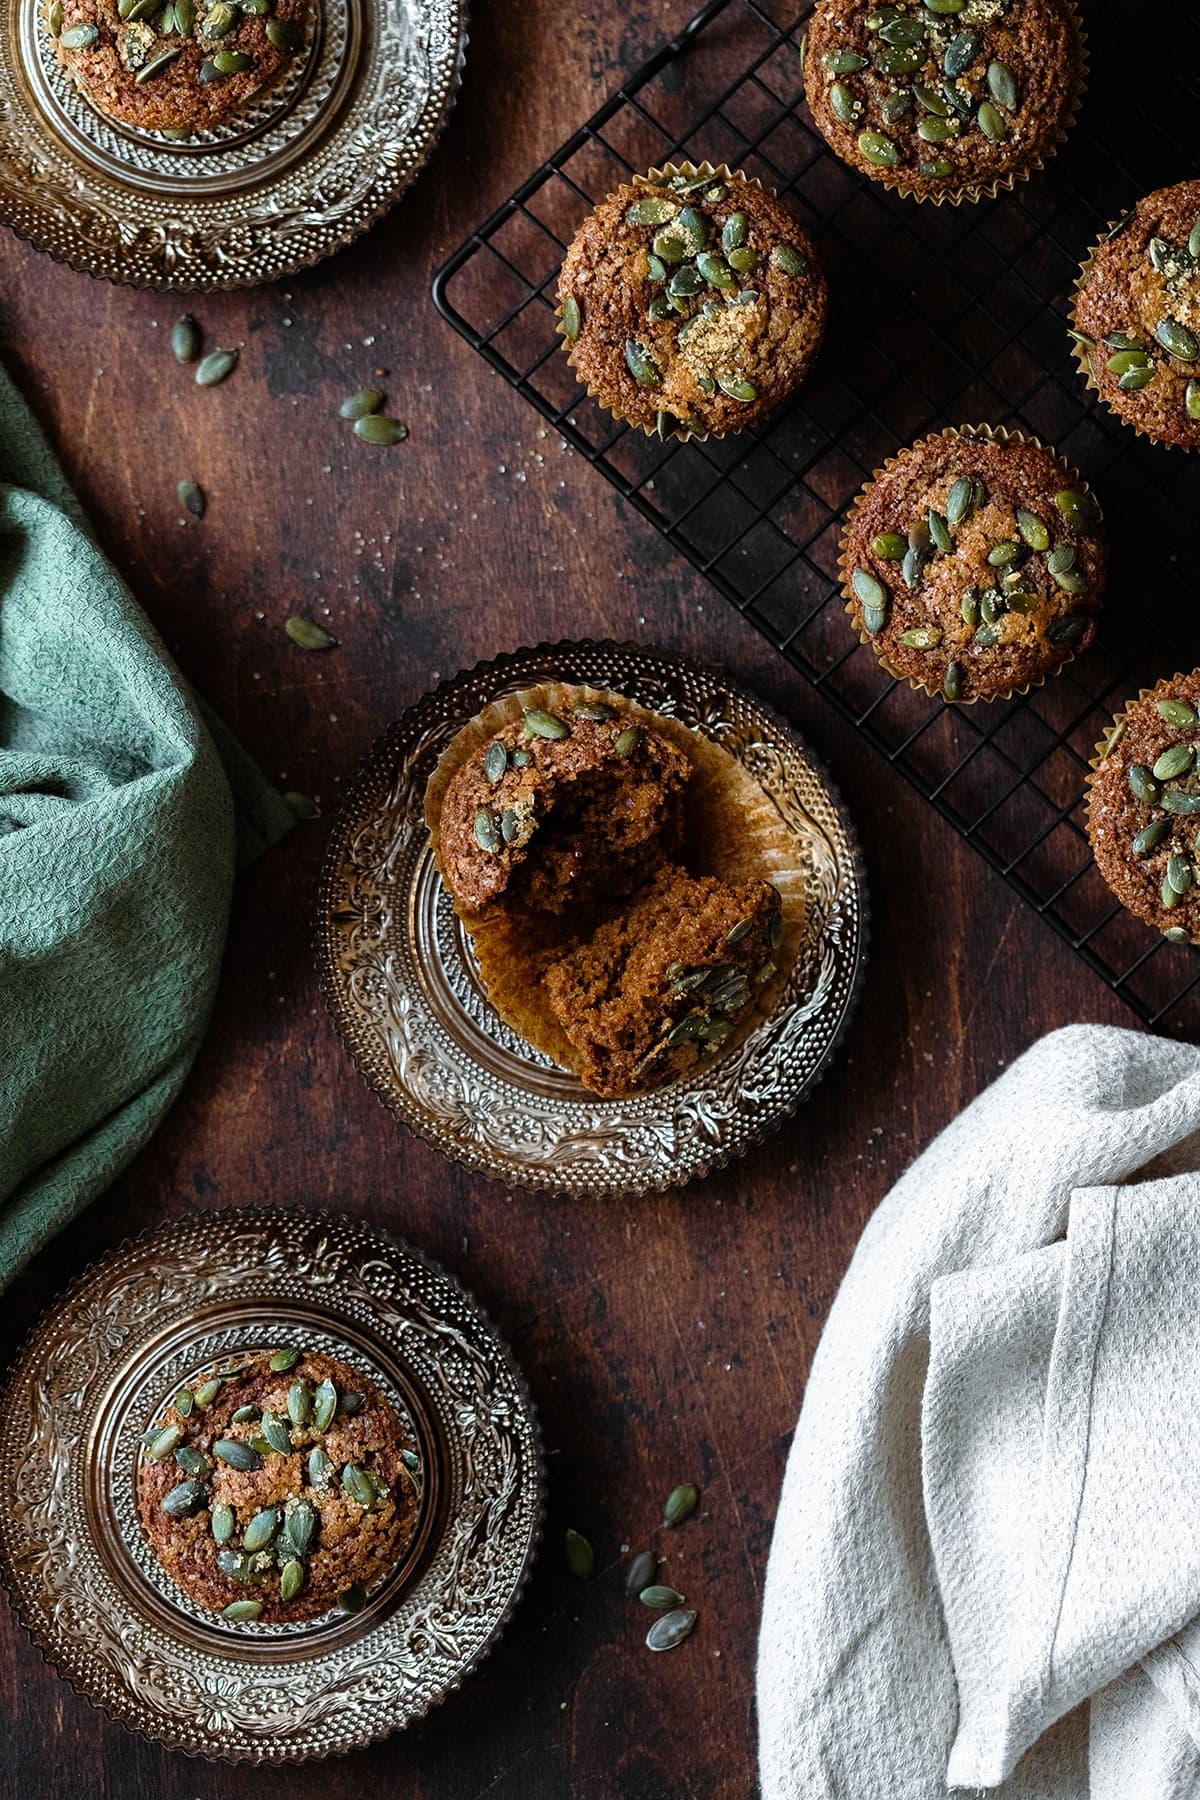 An overhead vertical shot of Gluten-Free Pumpkin Spice Muffins